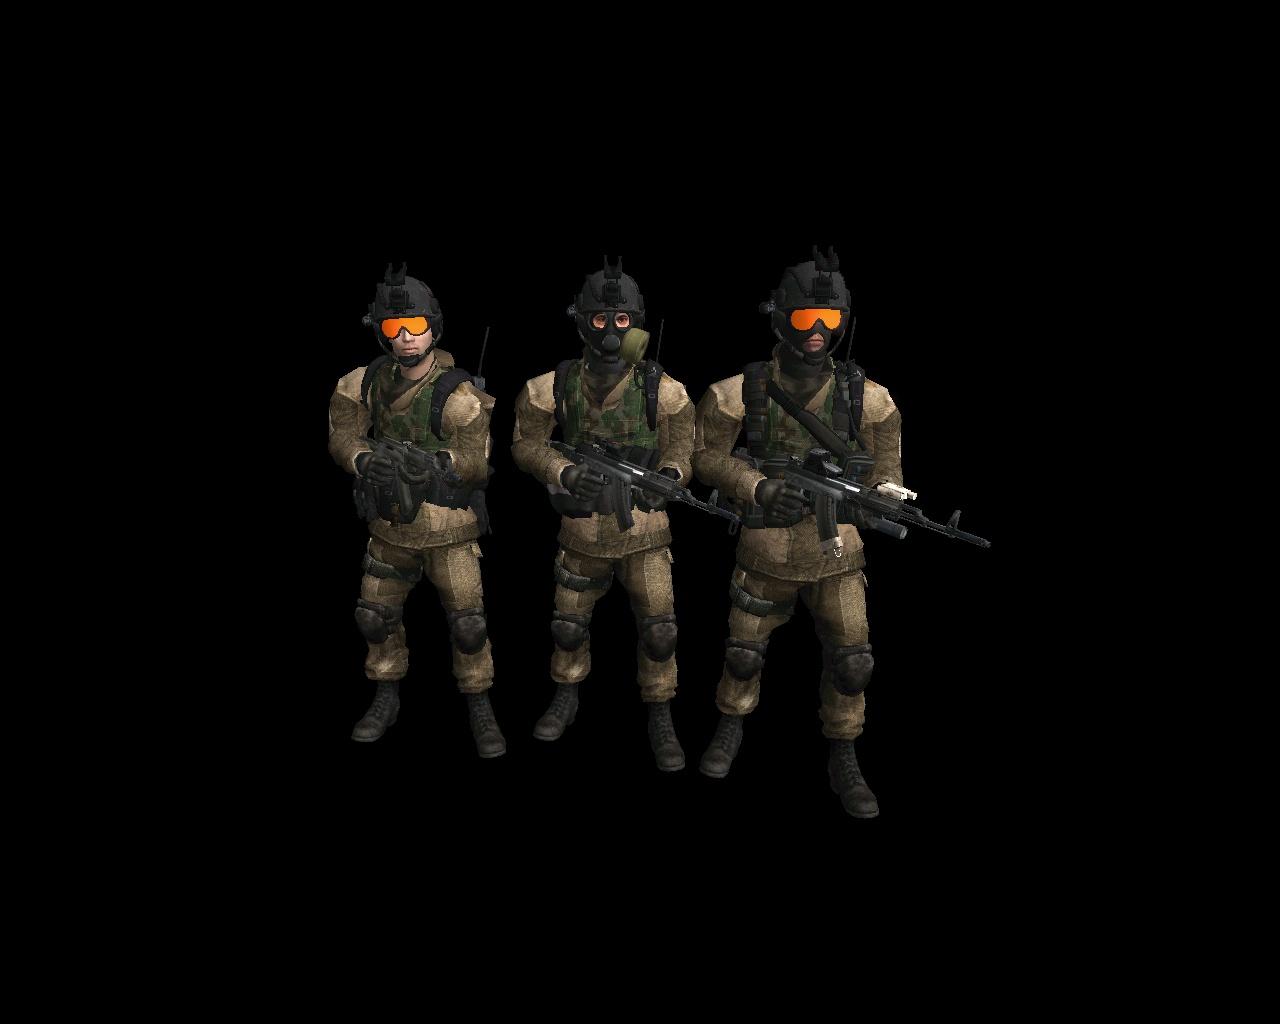 Скачать Армия Российской Федерации — бесплатно